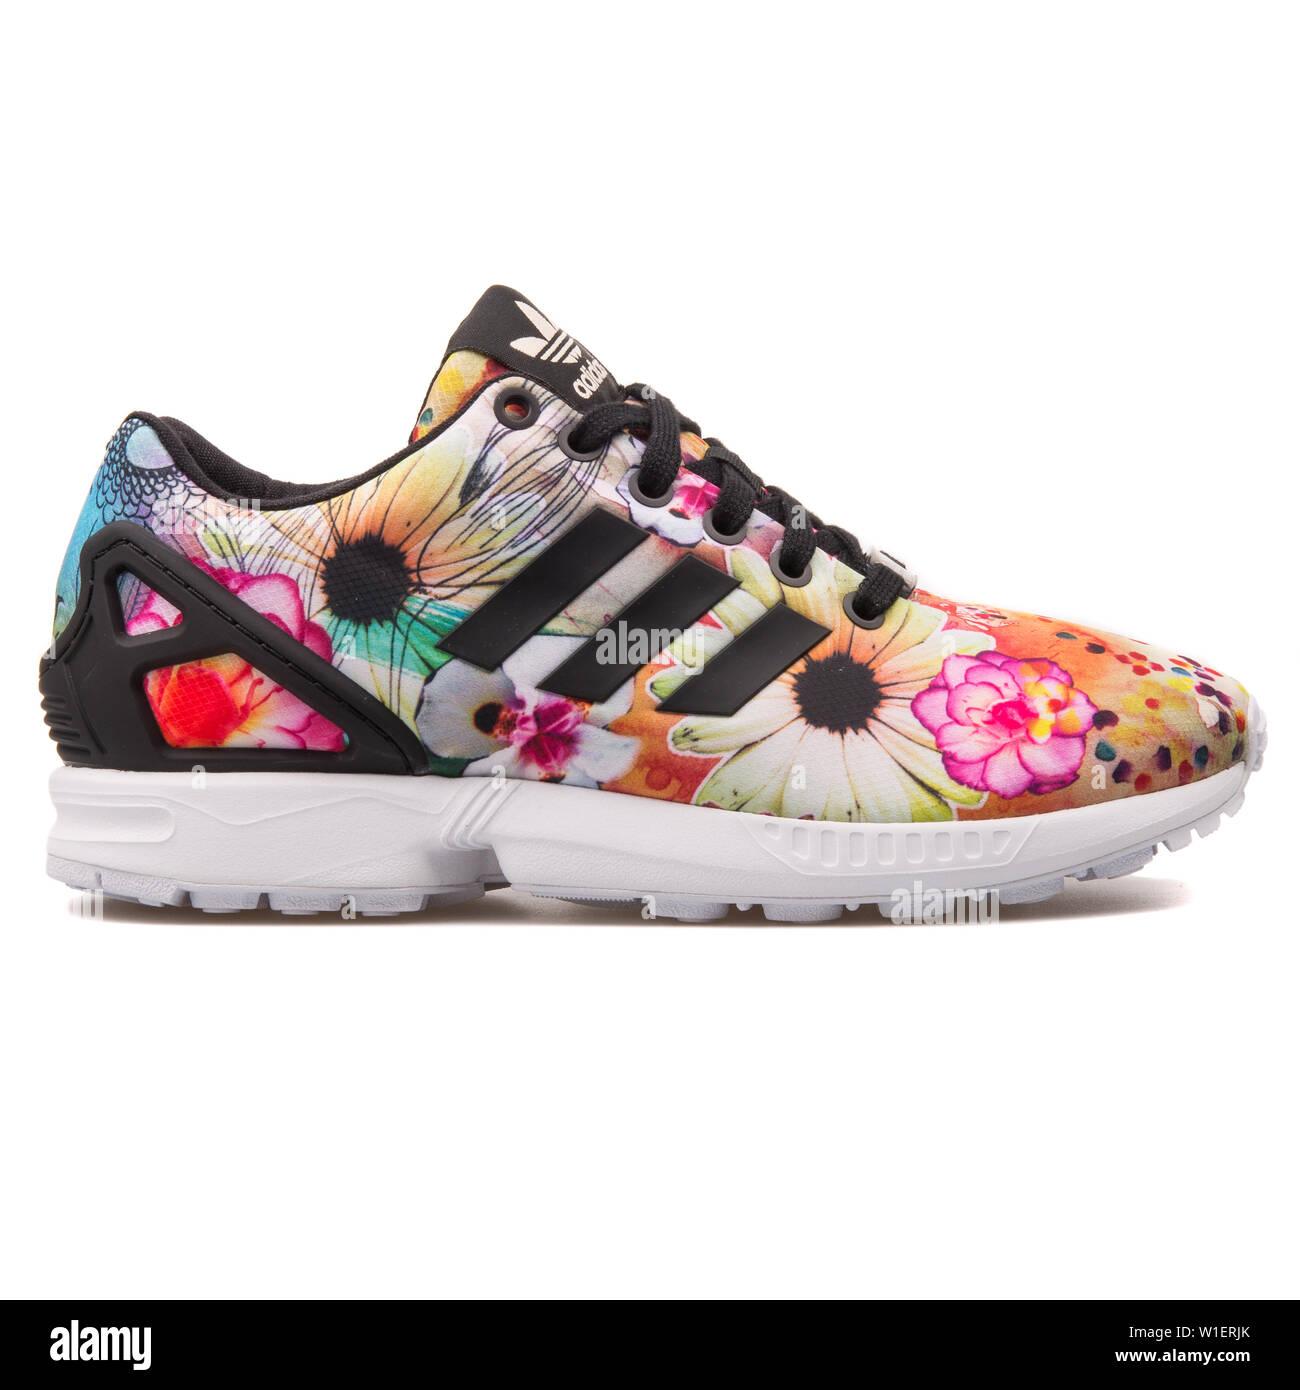 hot sale online 4cc98 68d88 VIENNA, AUSTRIA - AUGUST 10, 2017: Adidas ZX Flux floral ...